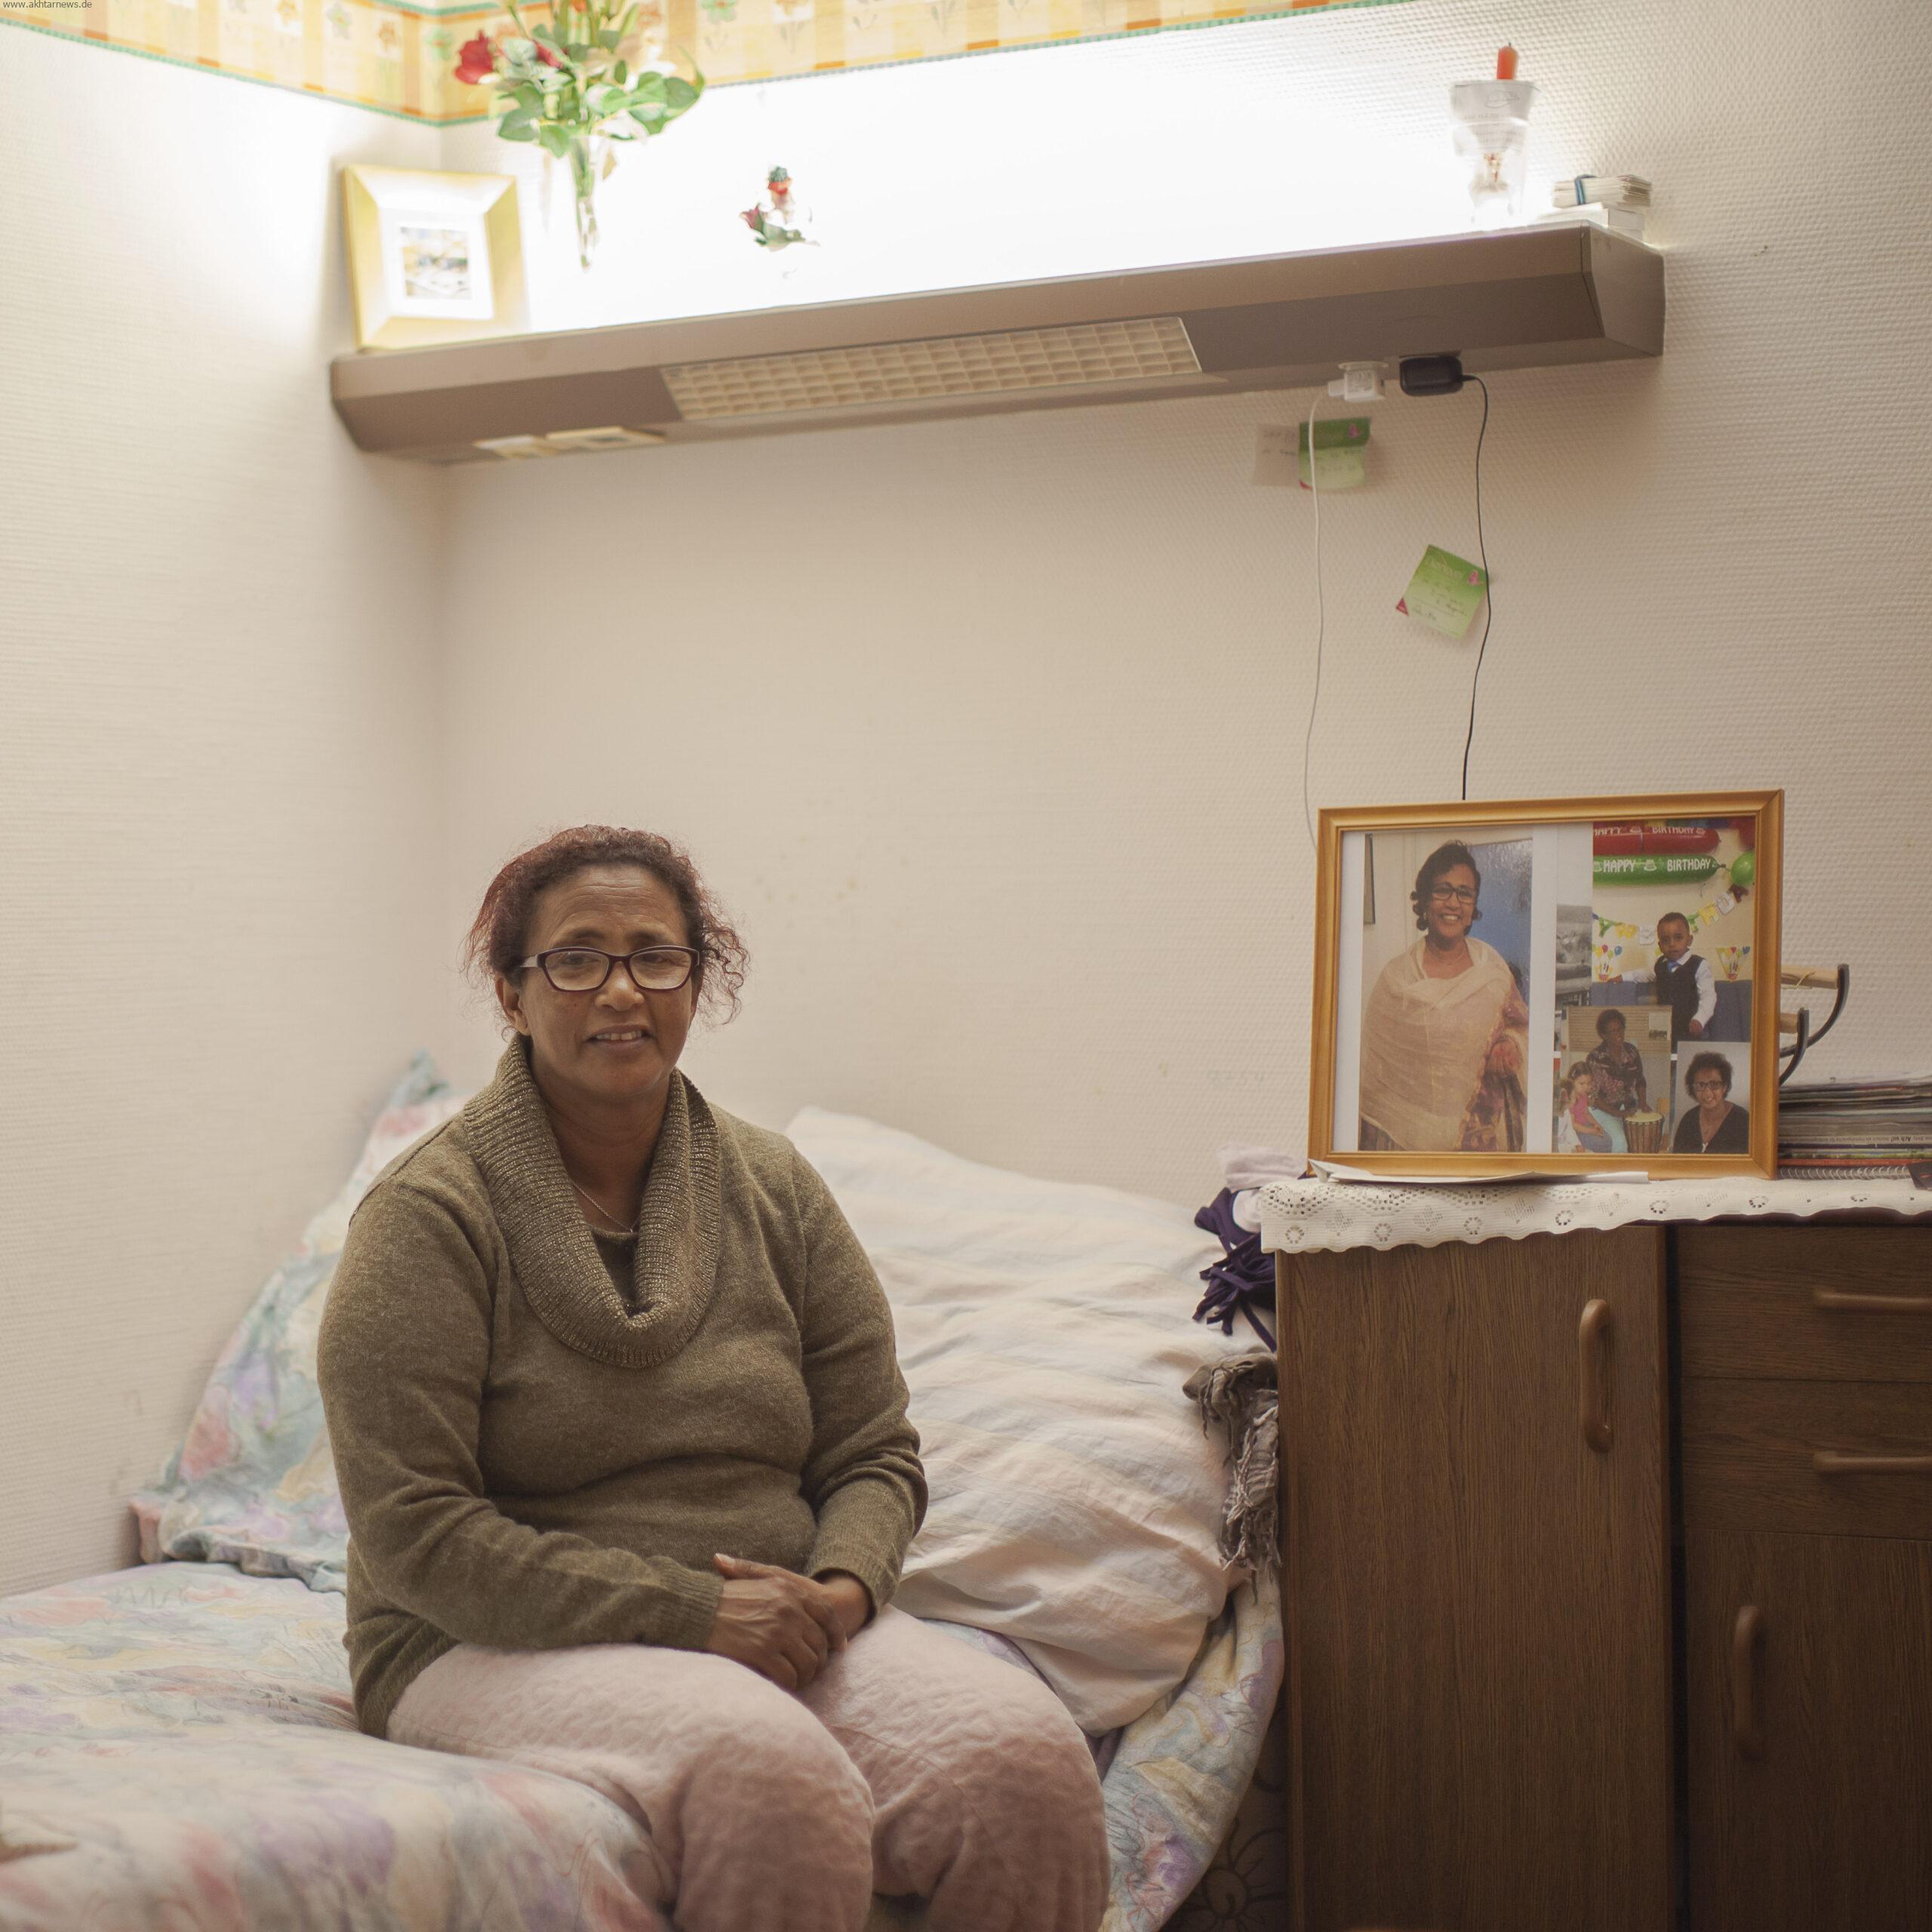 Etete  53 ساله اهل کشور اتیوپی . در حدود 5 سال پیش از طریق دریا وارد اروپا شد و در آلمان درخواست پناهندگی کرد . او هنوز هم در کمپی در ایلت بایرن شهر هاملبورگ زندگی میکند.